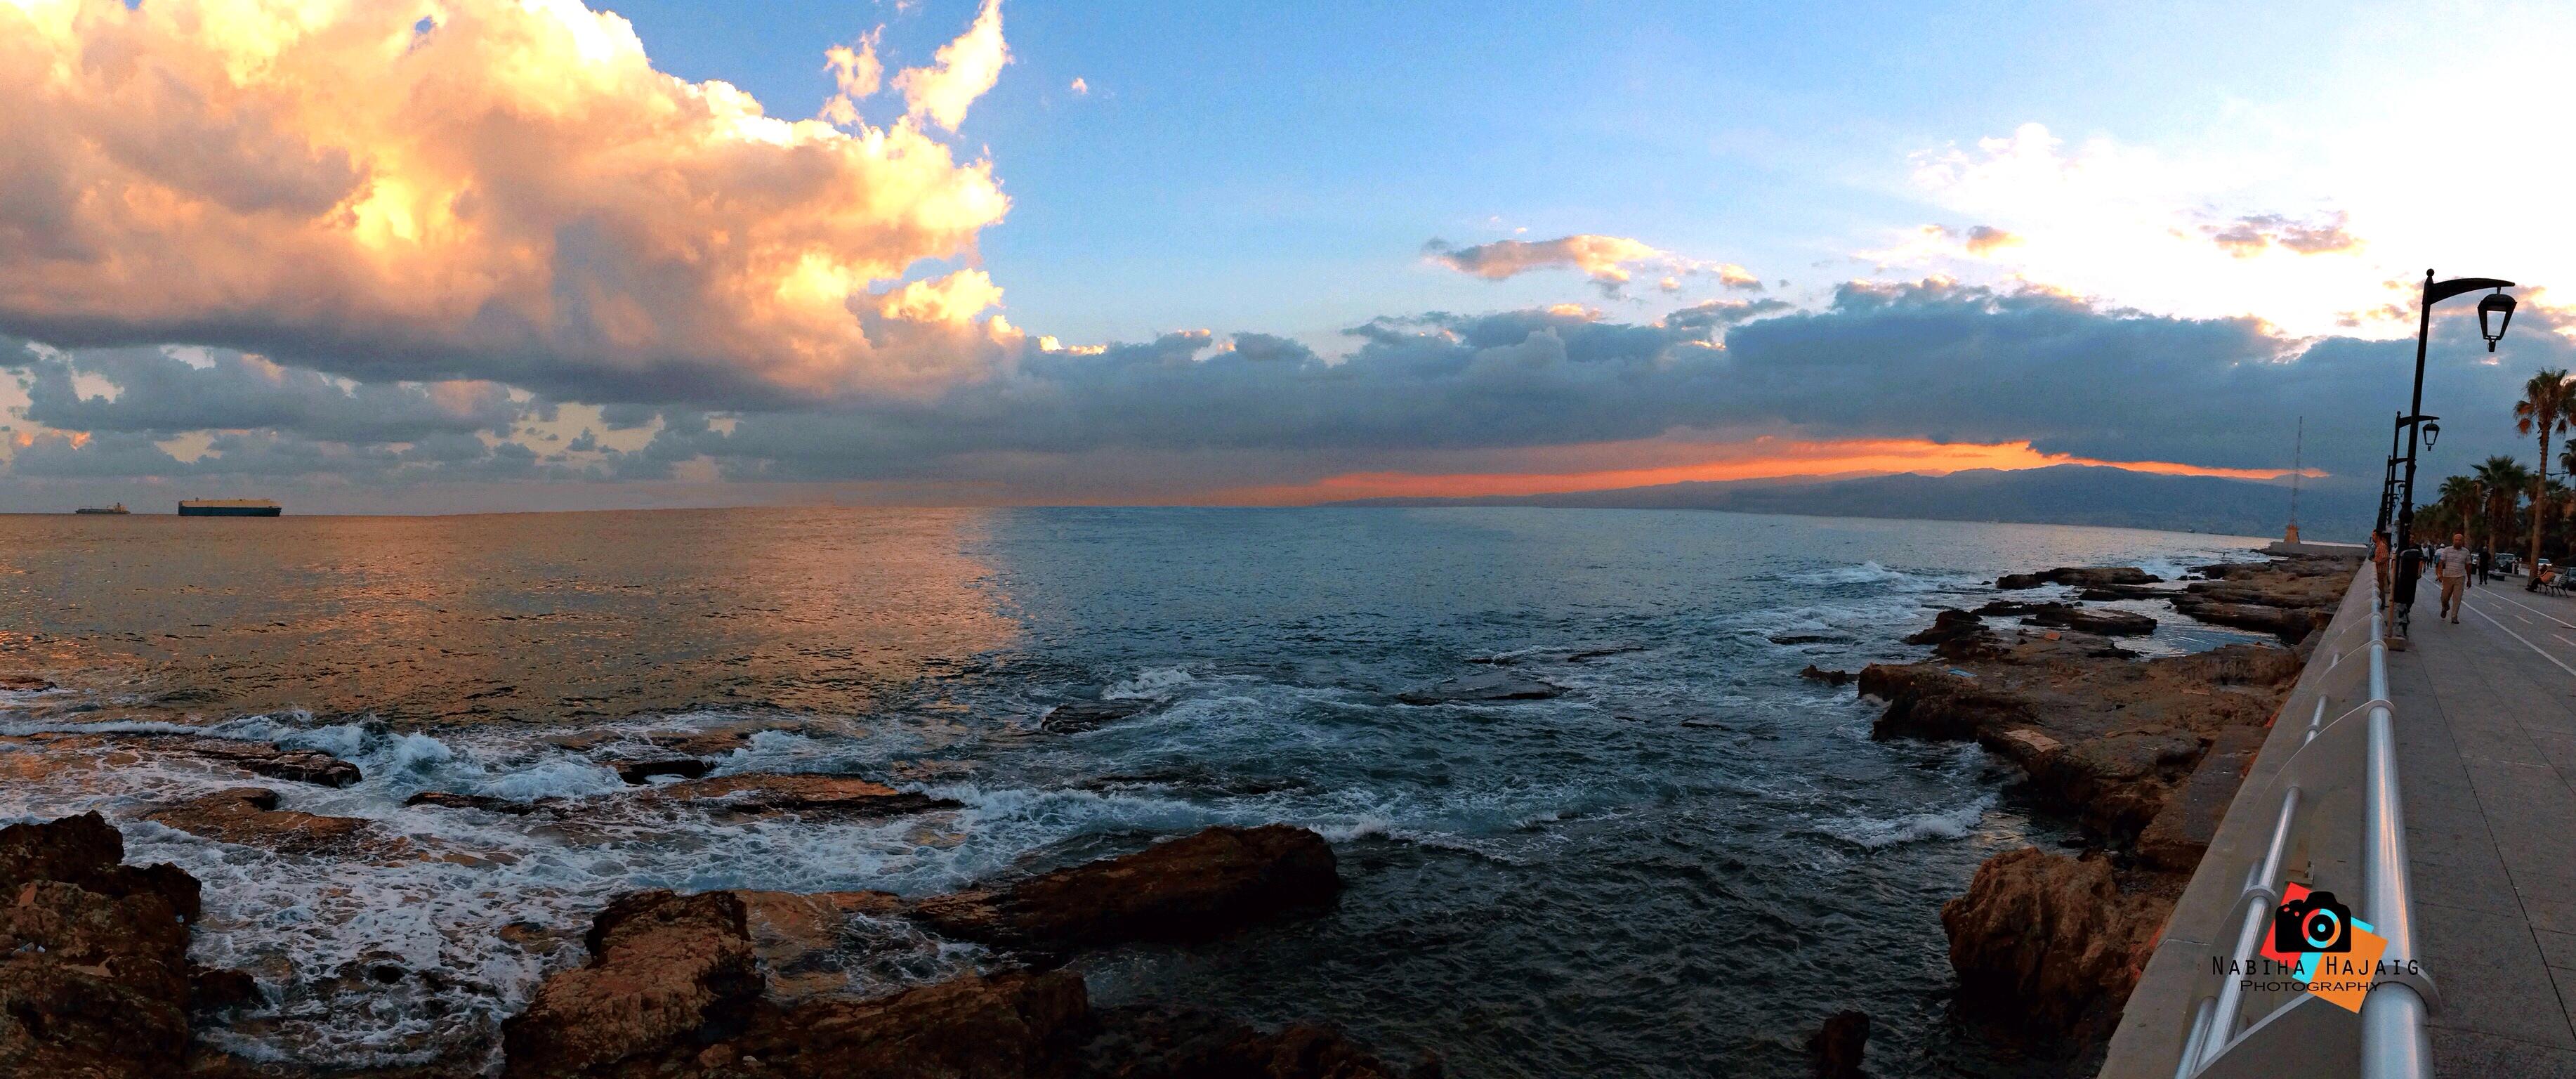 Sfondi Gli Sport Paesaggio Tramonto Mare Acqua Roccia Natura